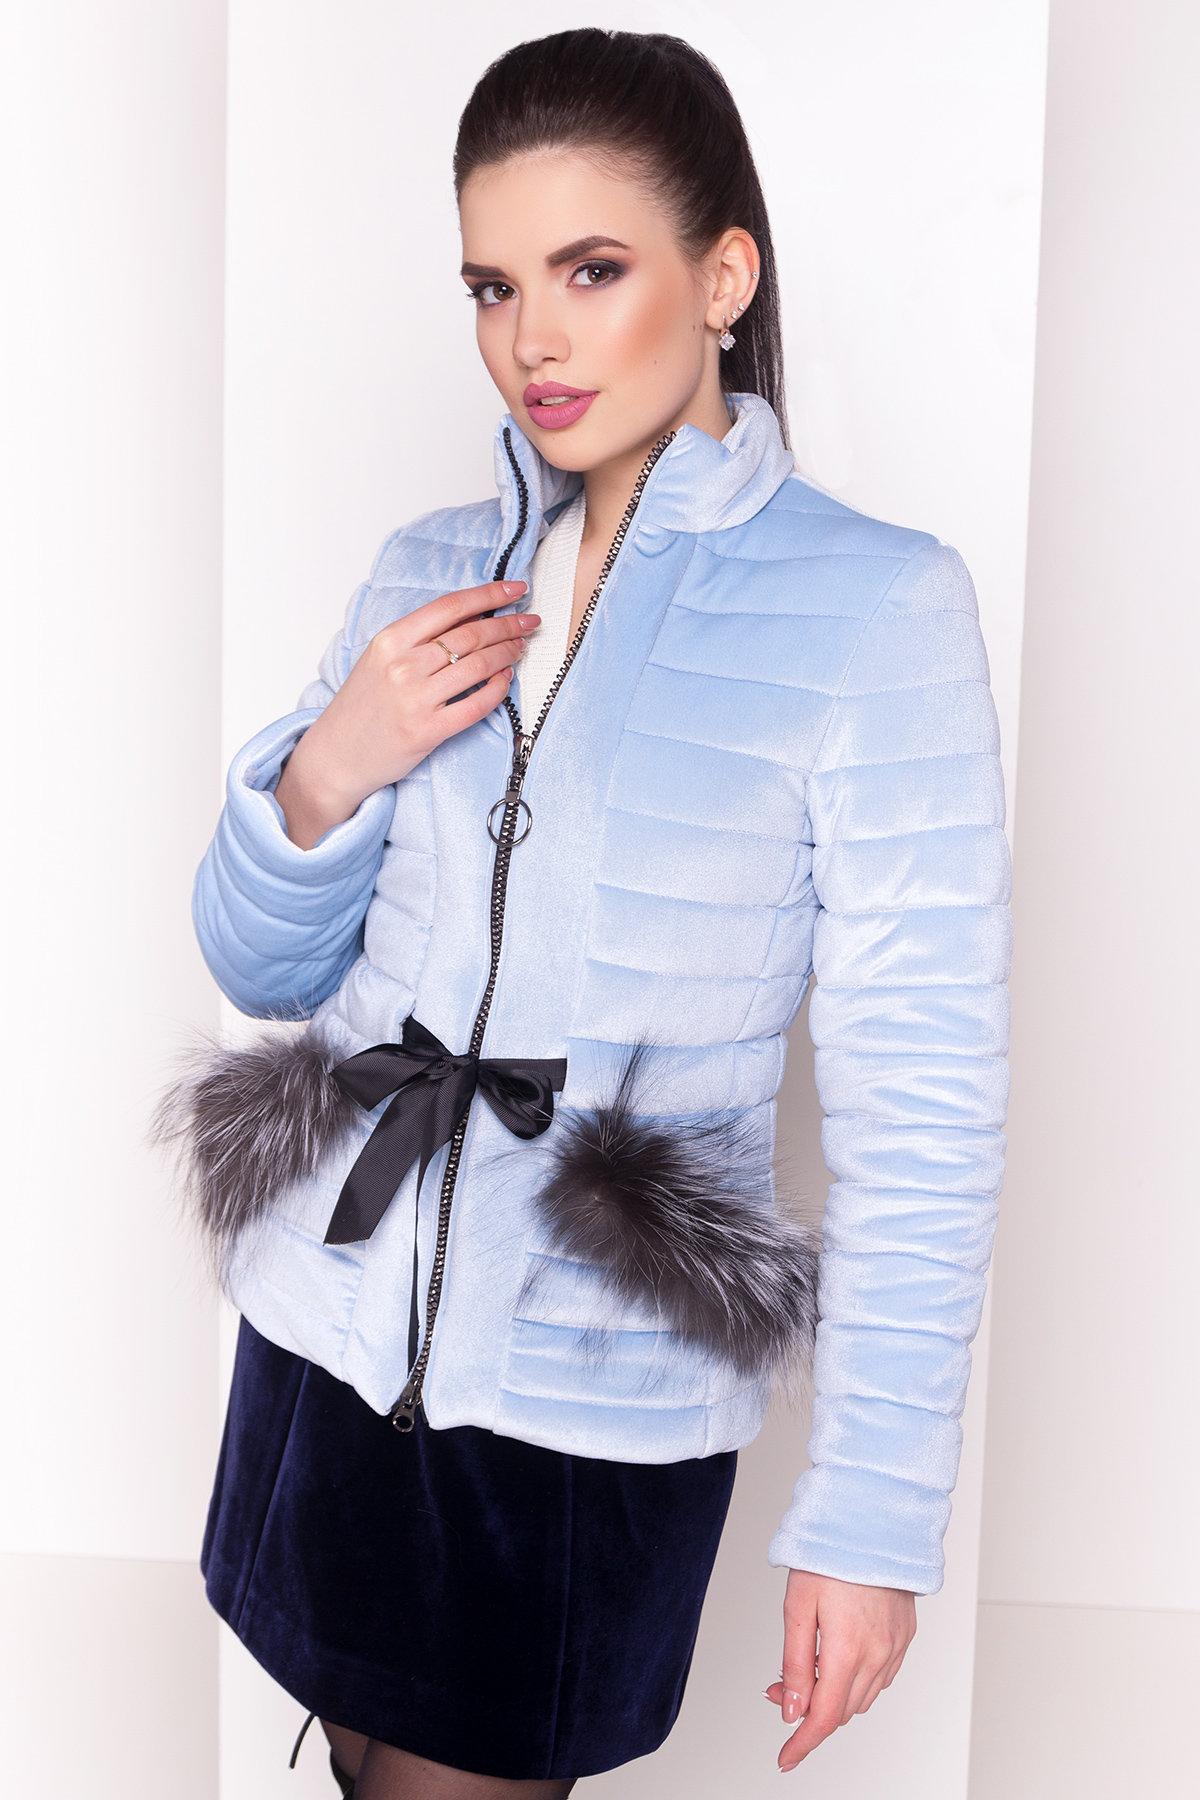 Куртка с мехом на карманах Дезире 4452 АРТ. 21968 Цвет: Голубой - фото 6, интернет магазин tm-modus.ru